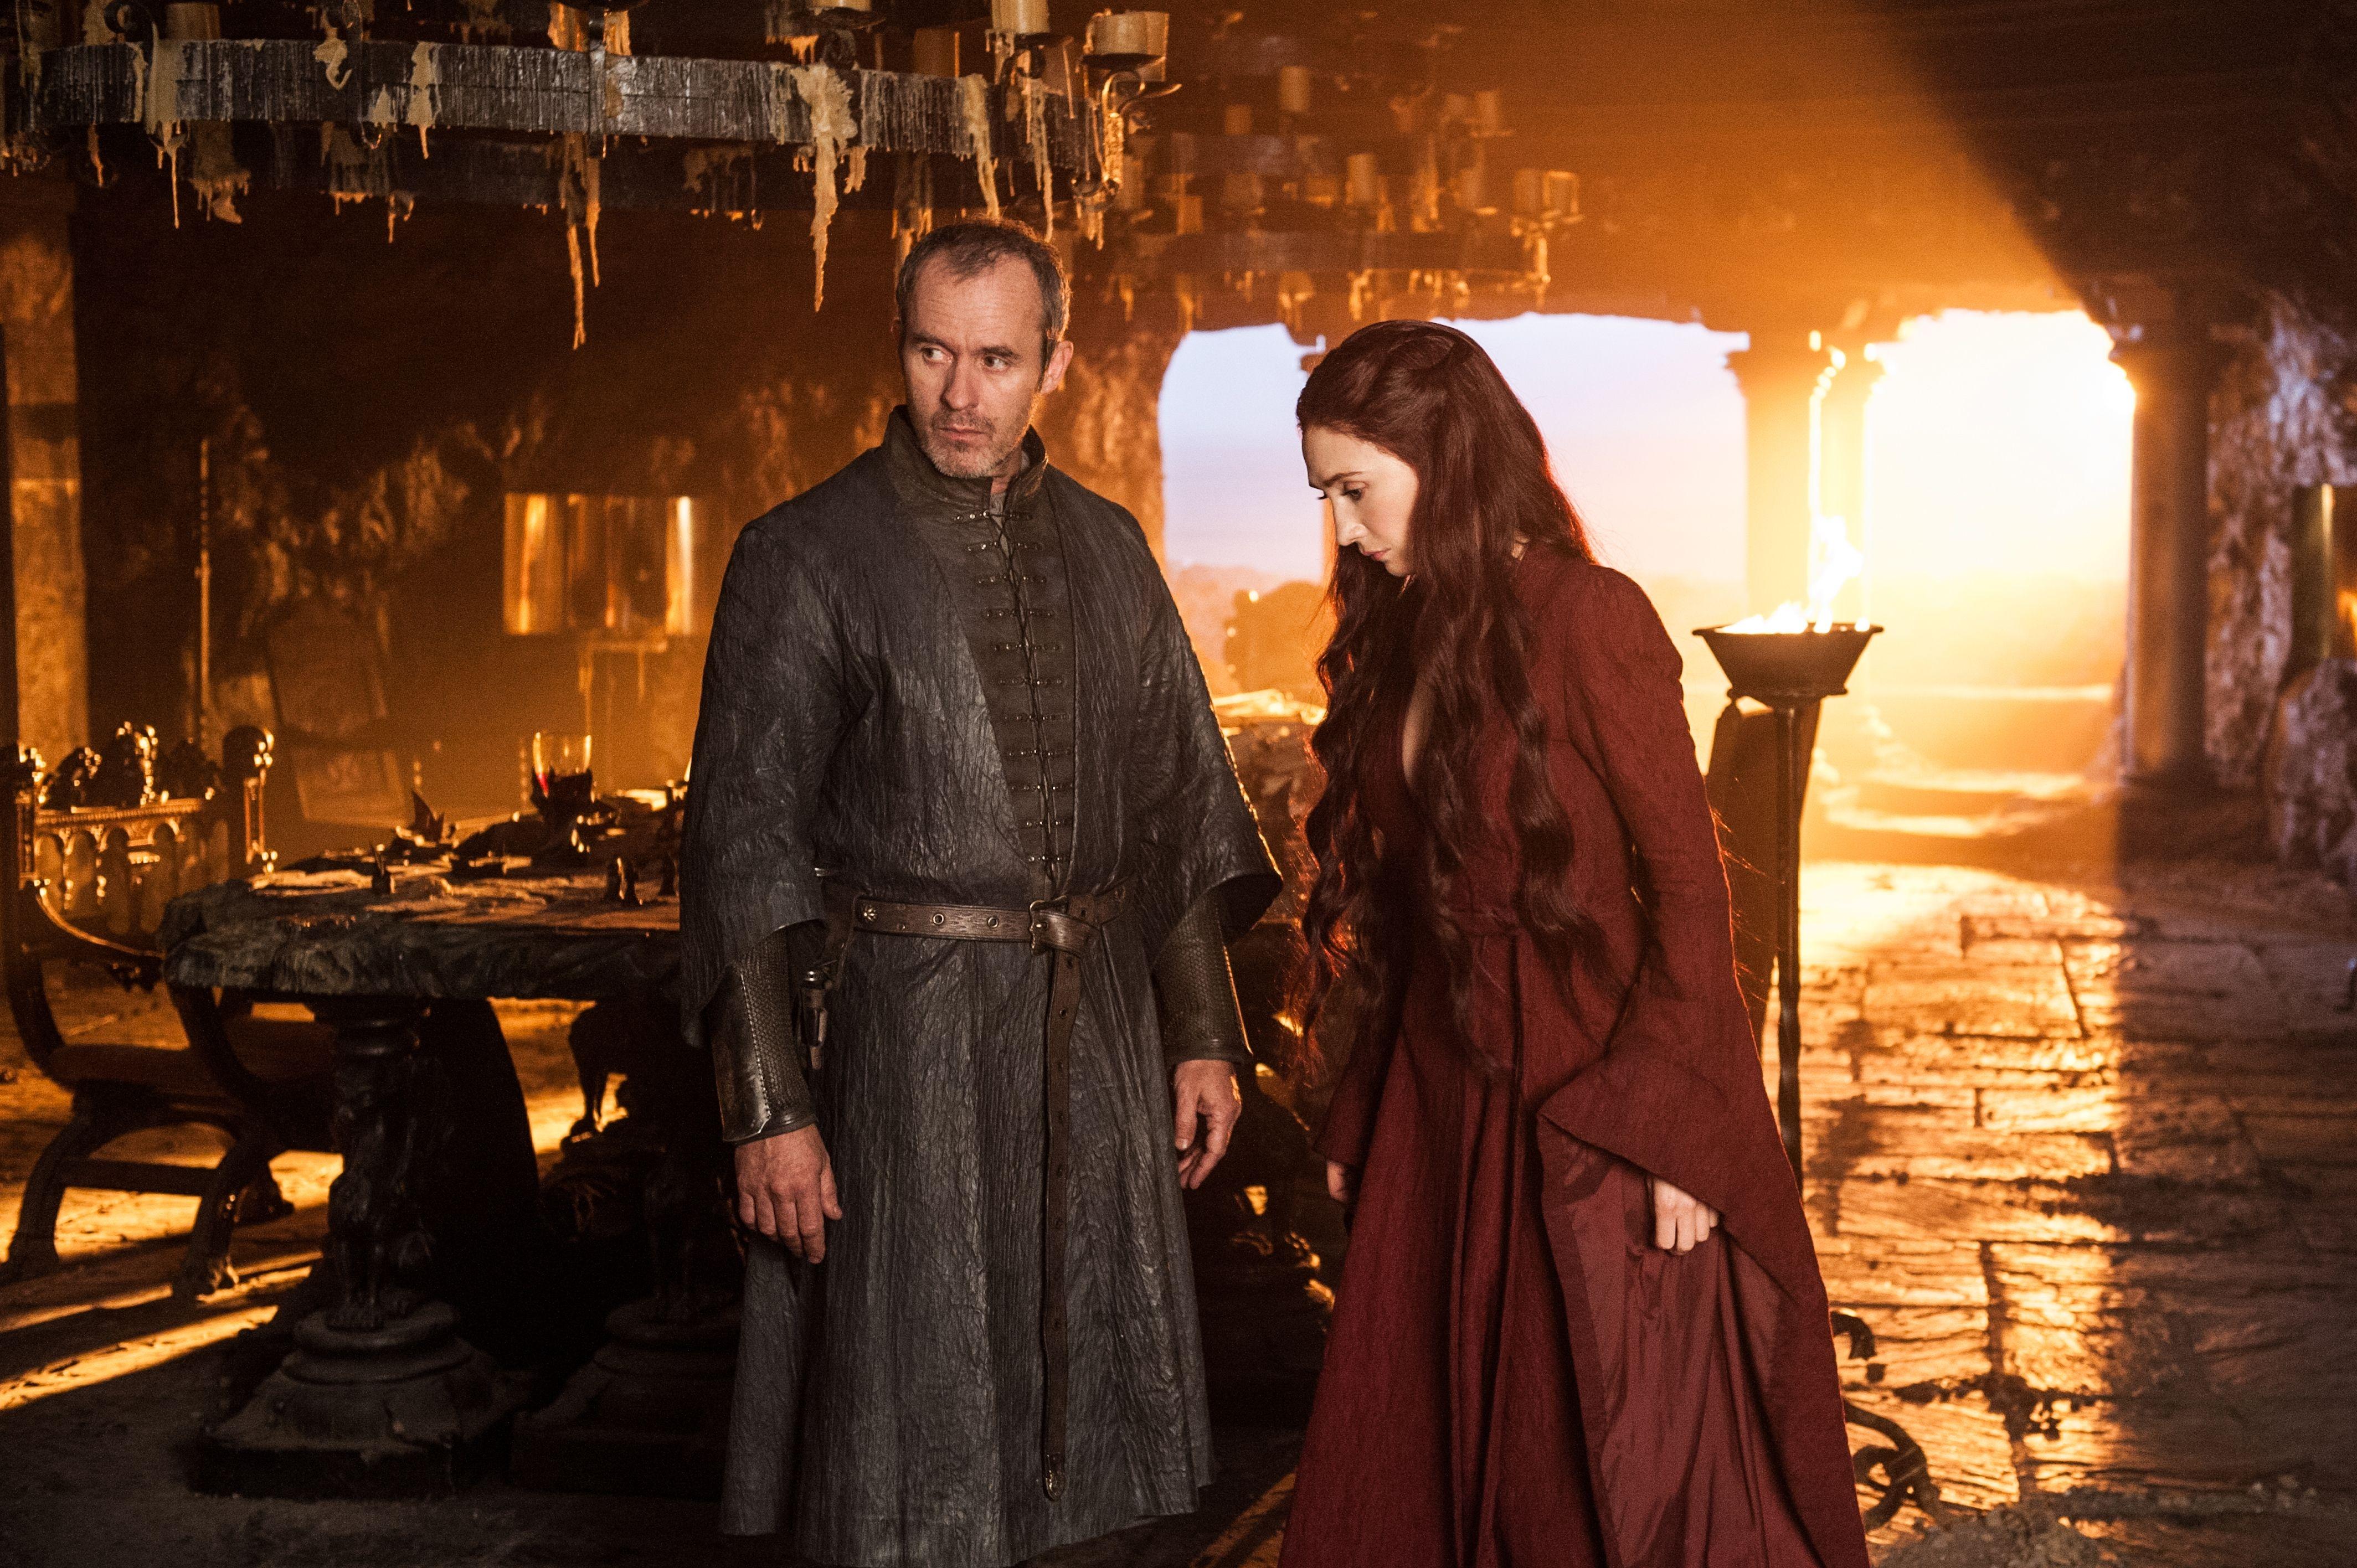 Stannis Baratheon Stephen Dillane Melisandre Game Of Thrones Carice Van Houten 4256x2832